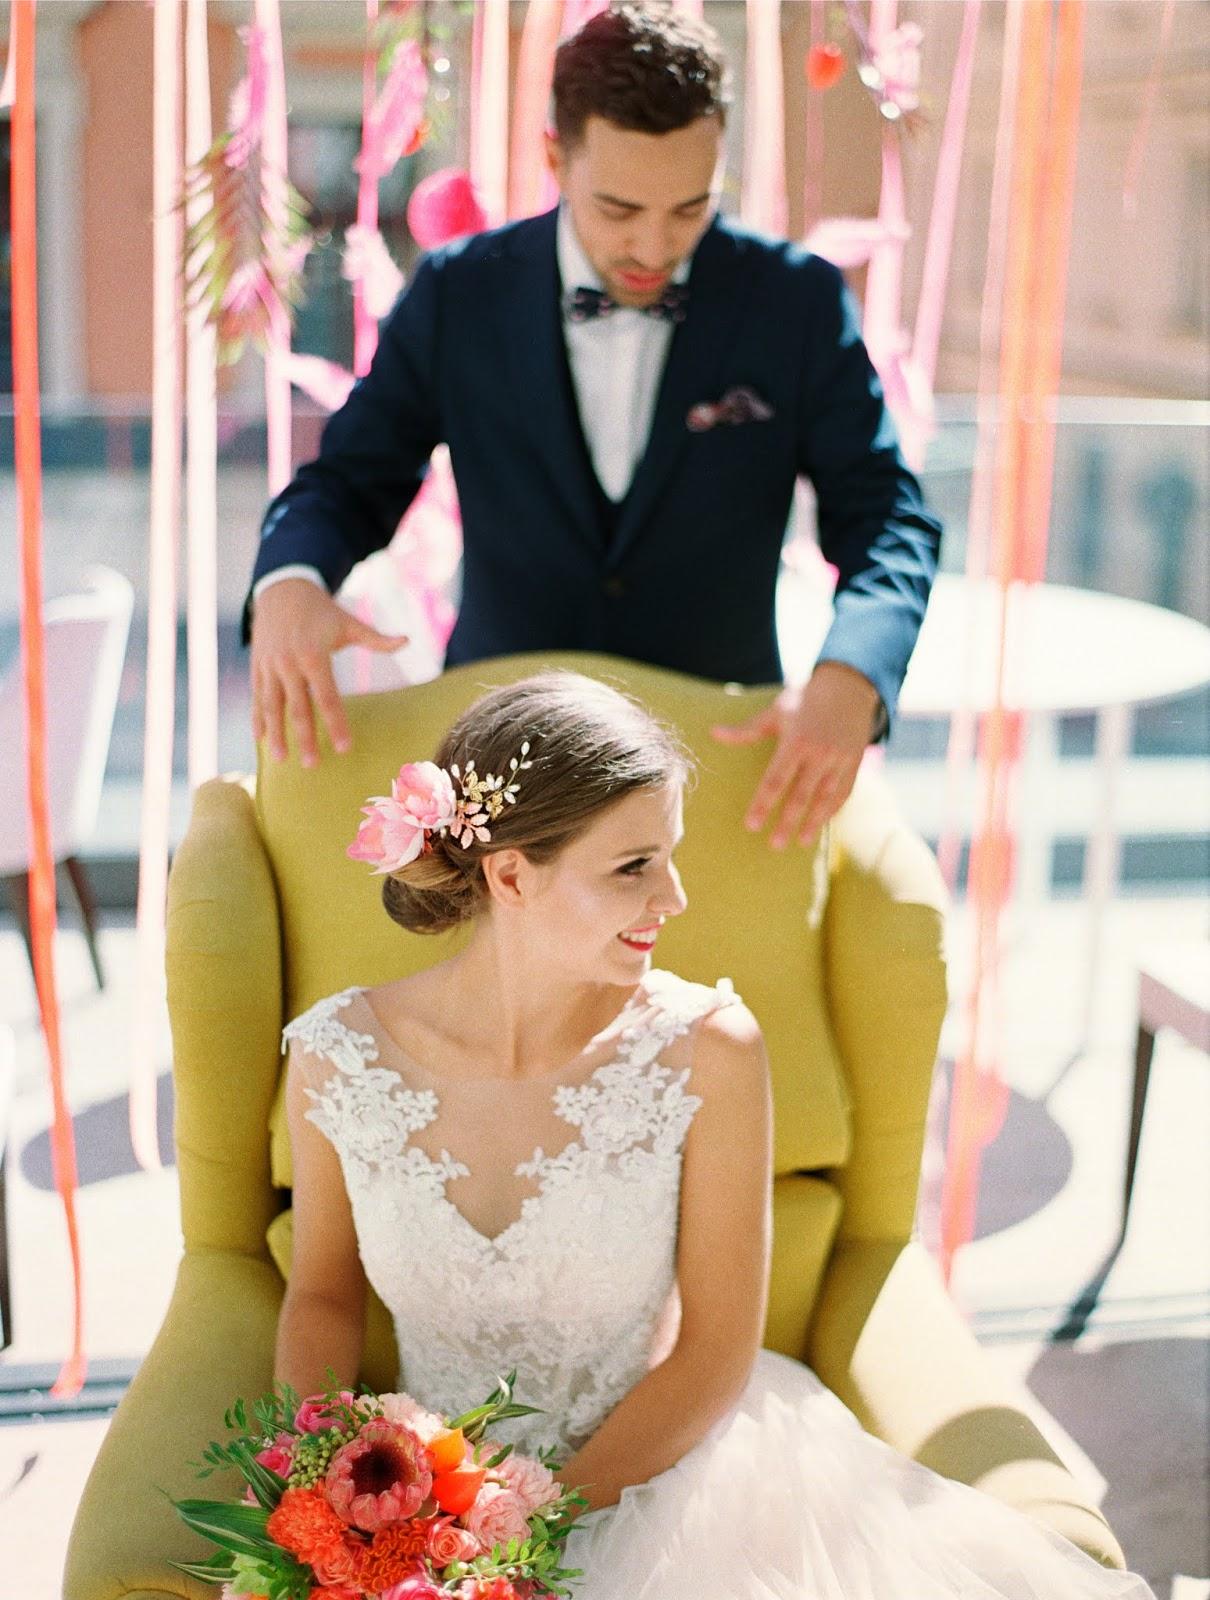 Flamingowy róż, jako kolor przewodni ślubu i wesela.